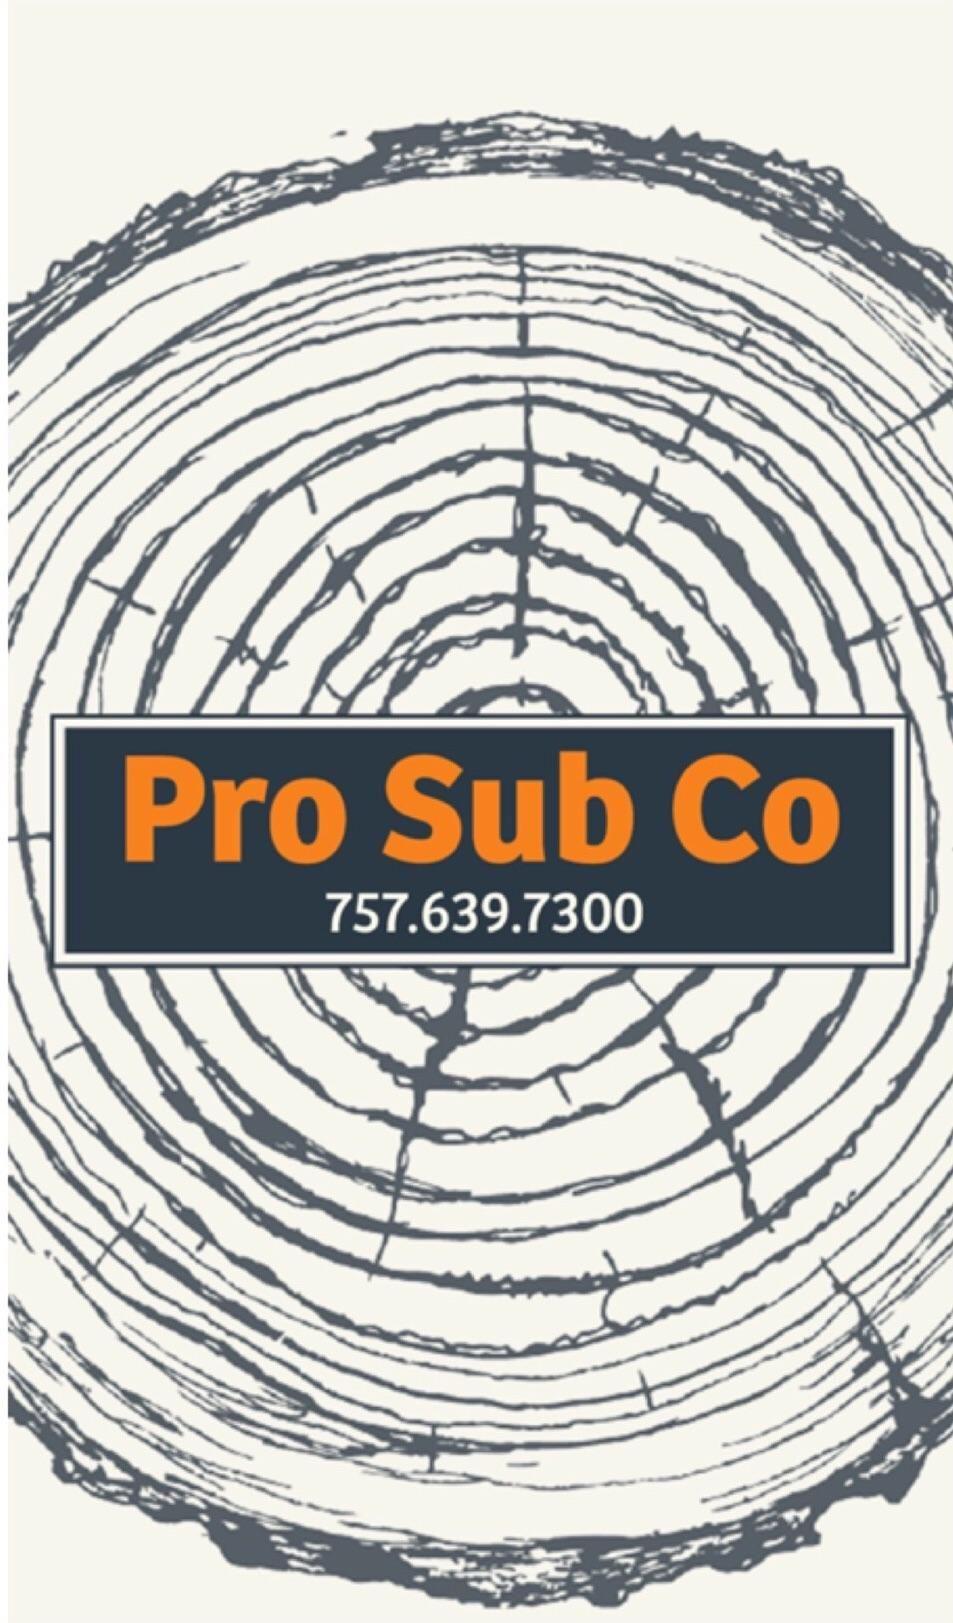 Pro Sub Co